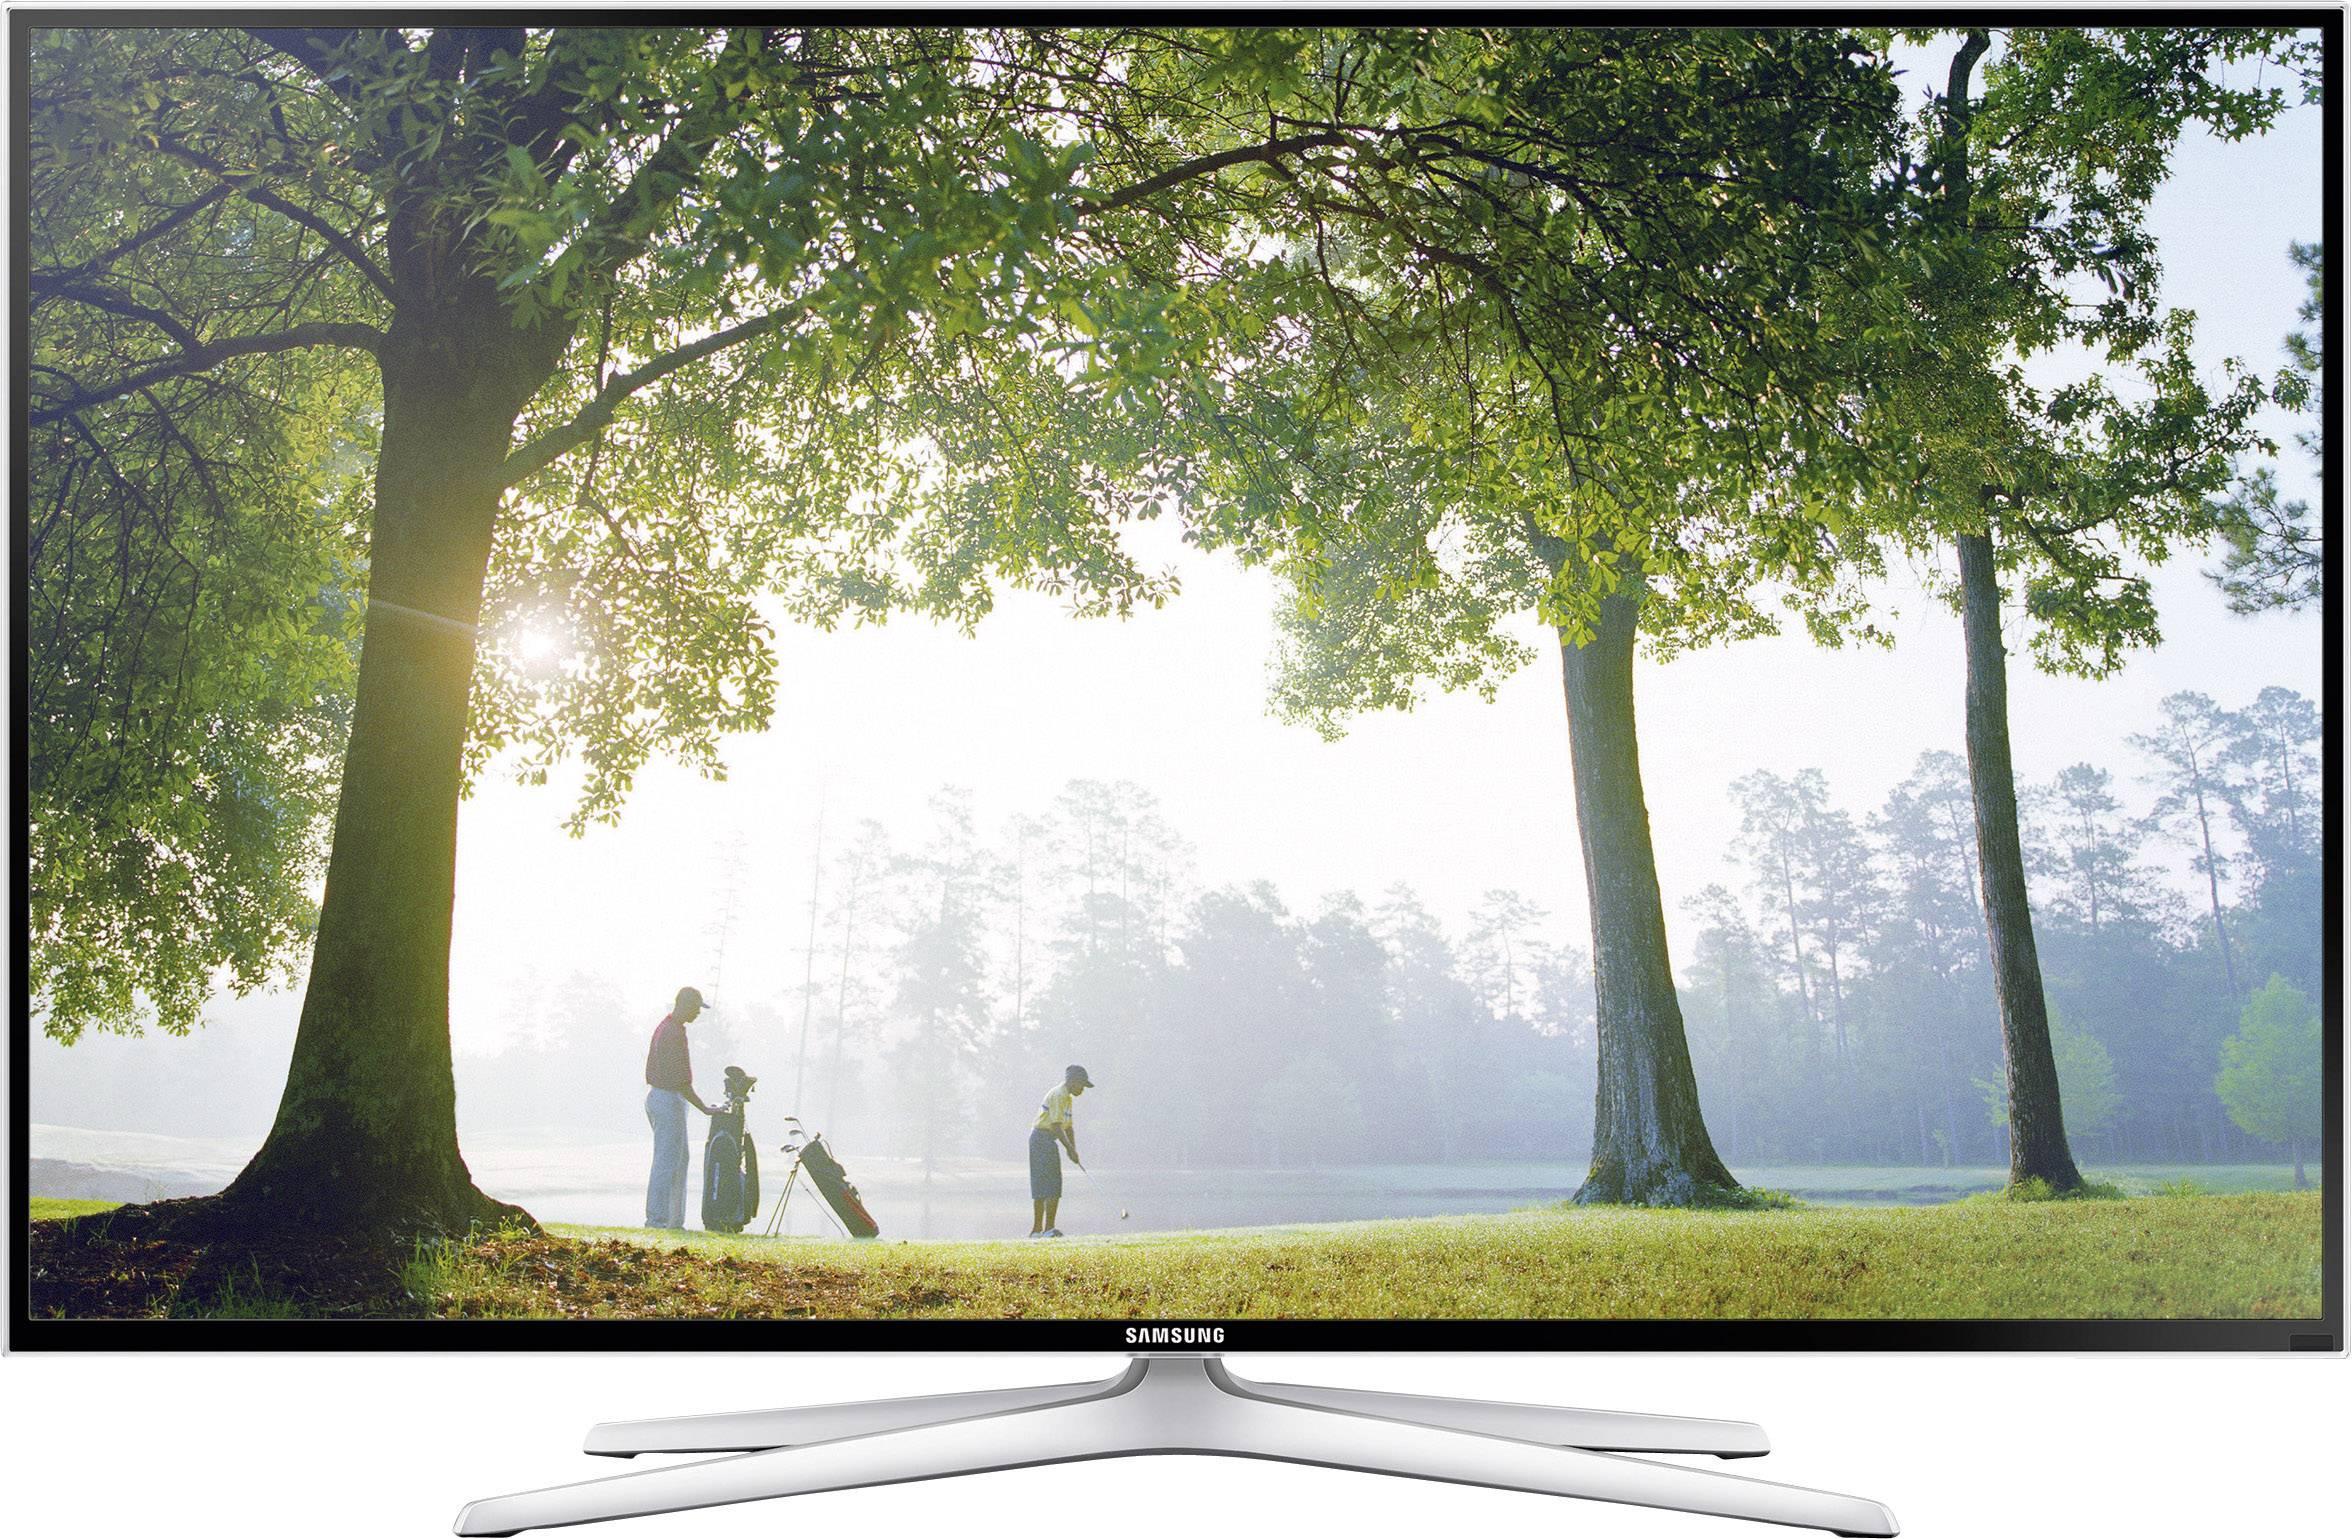 samsung ue48h6470 led tv 120 cm 48 inch dvb t dvb c dvb s full hd 3d smart tv wi fi pvr ready ci black